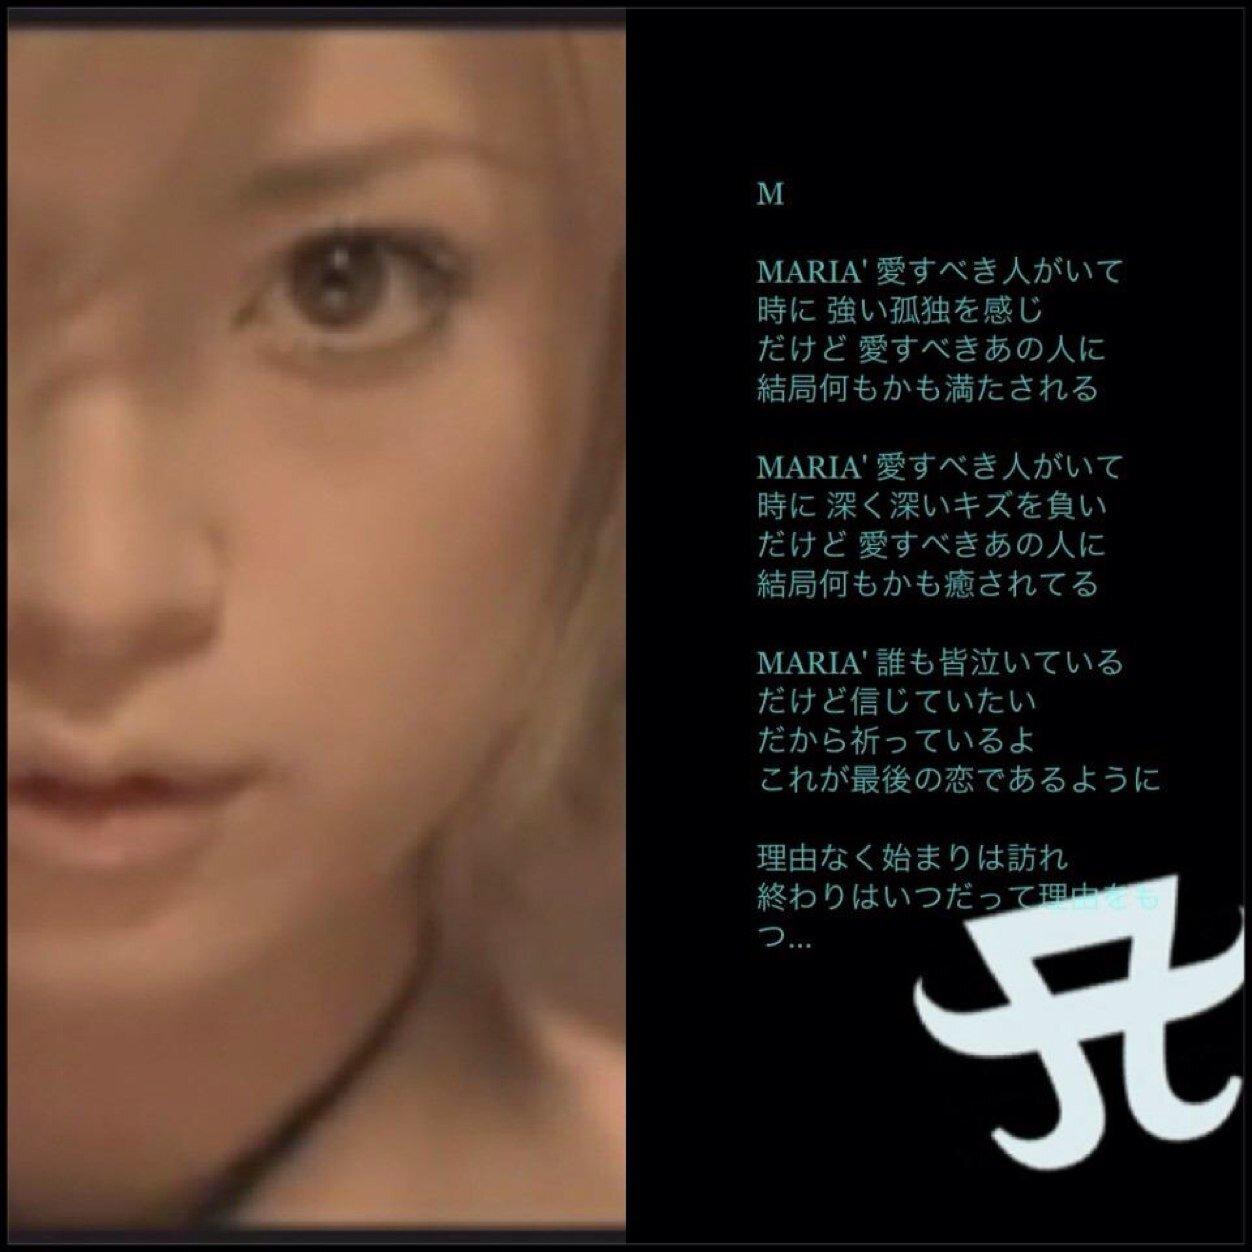 浜崎あゆみポーカーフェイス歌詞